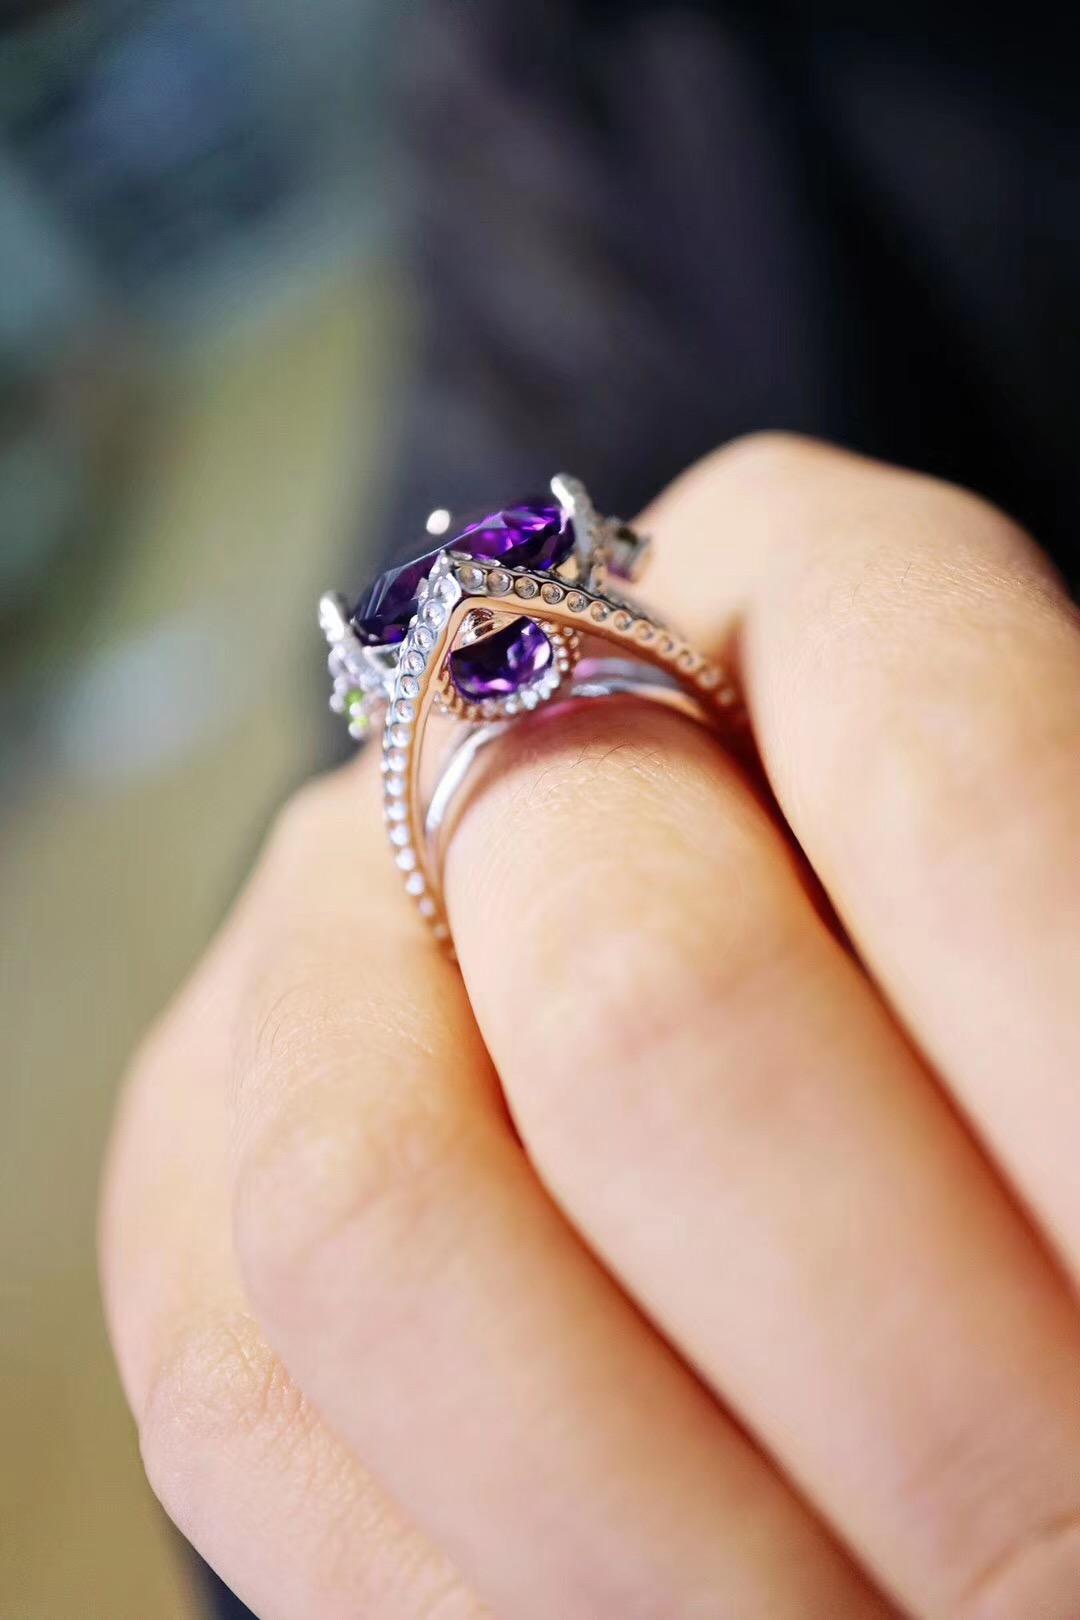 【紫晶】最完美的归宿,便是合适他的镶嵌-菩心晶舍